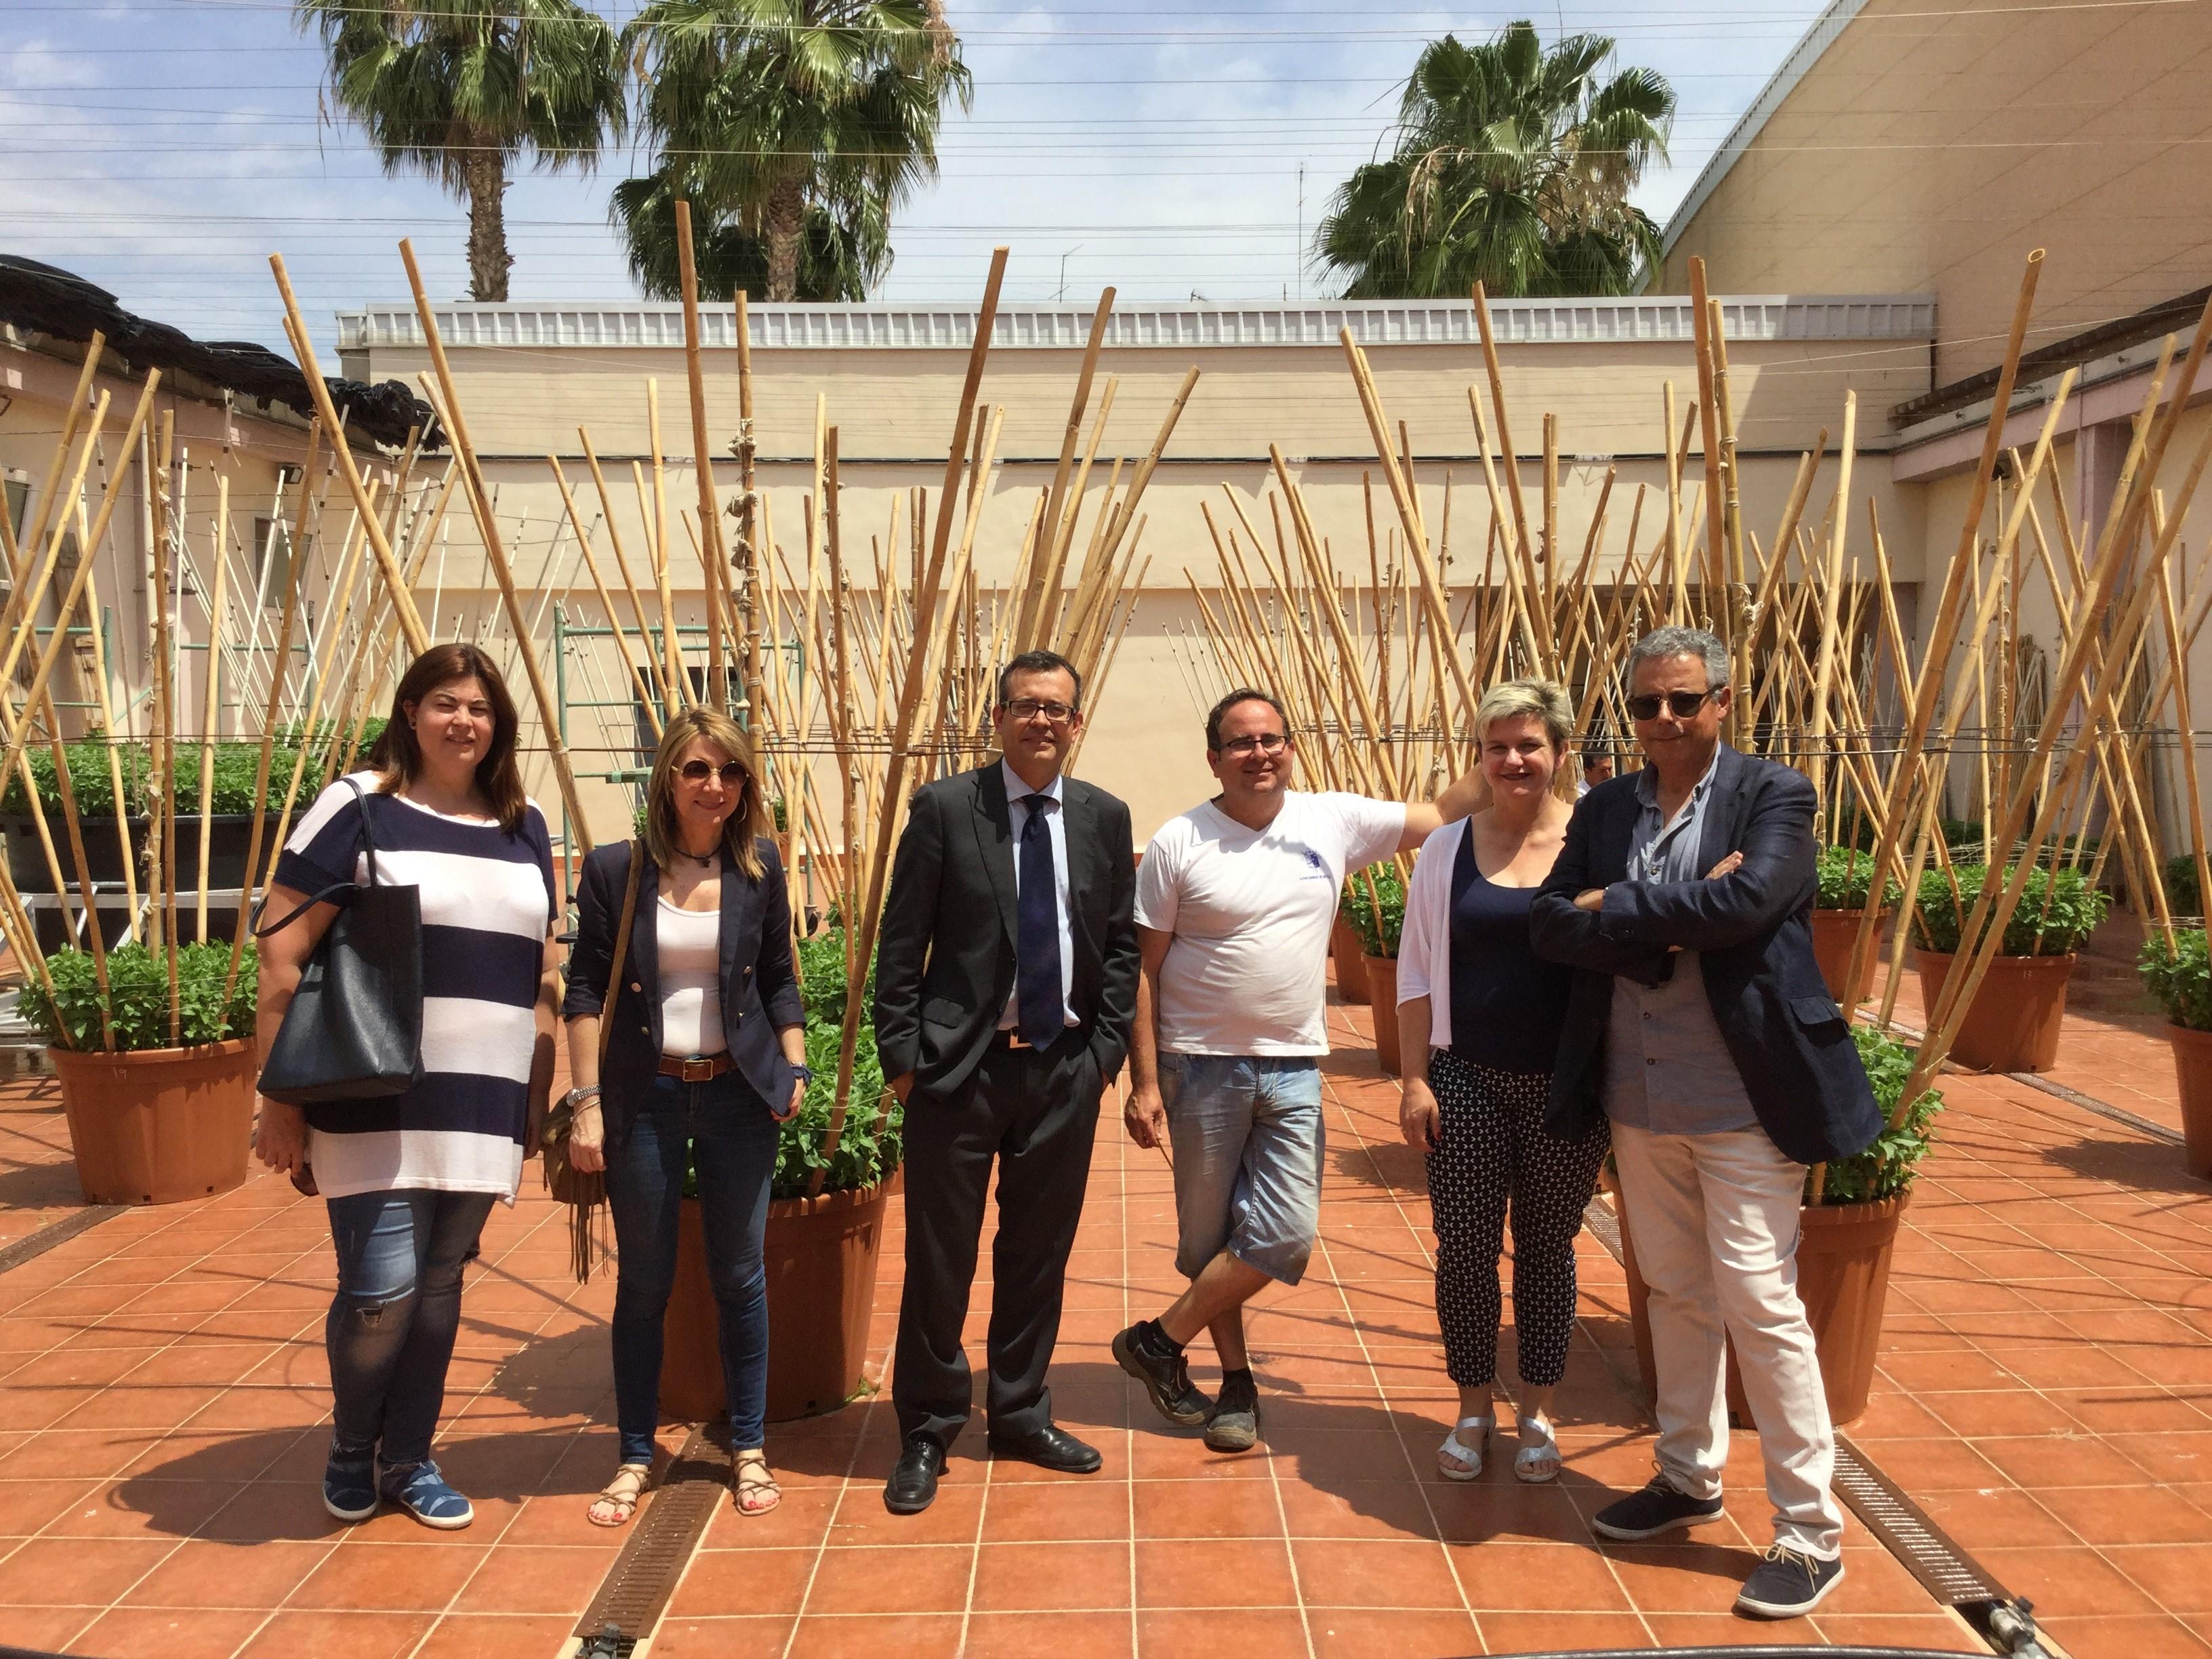 Visita de responsables municipales y de la Diputación a l'Hort de les Alfàbegues.